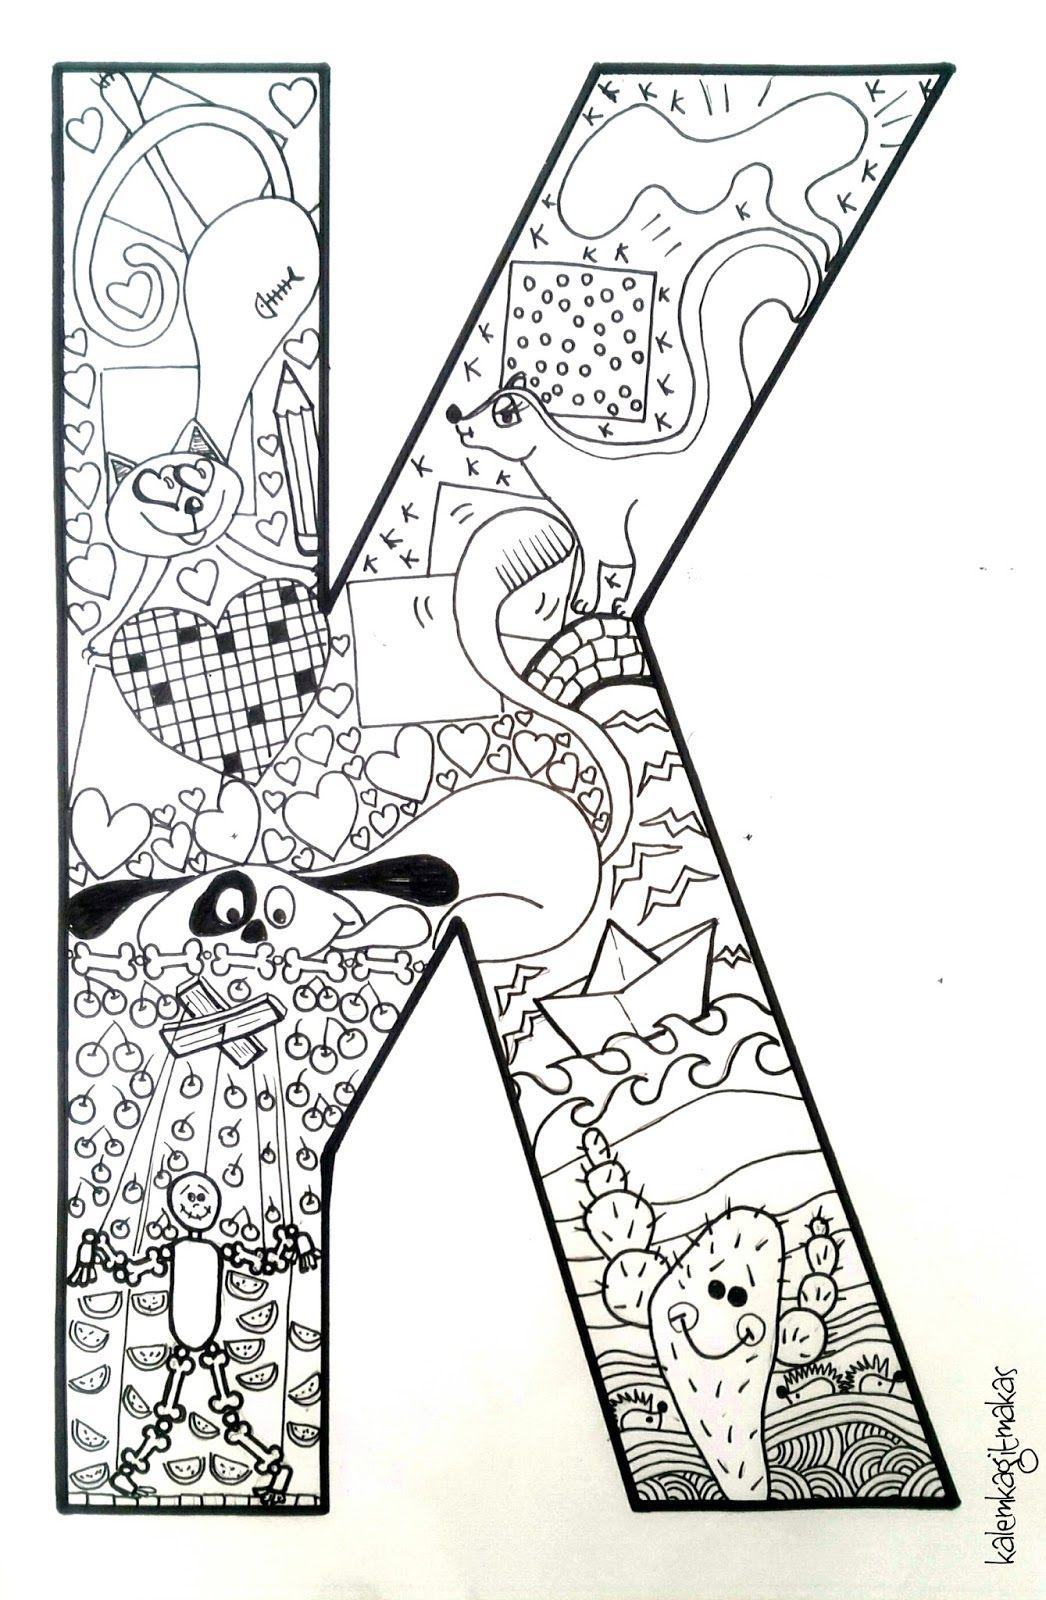 Boyama Sayfası çizgisel Tasarım Pinterest Alphabet Coloring